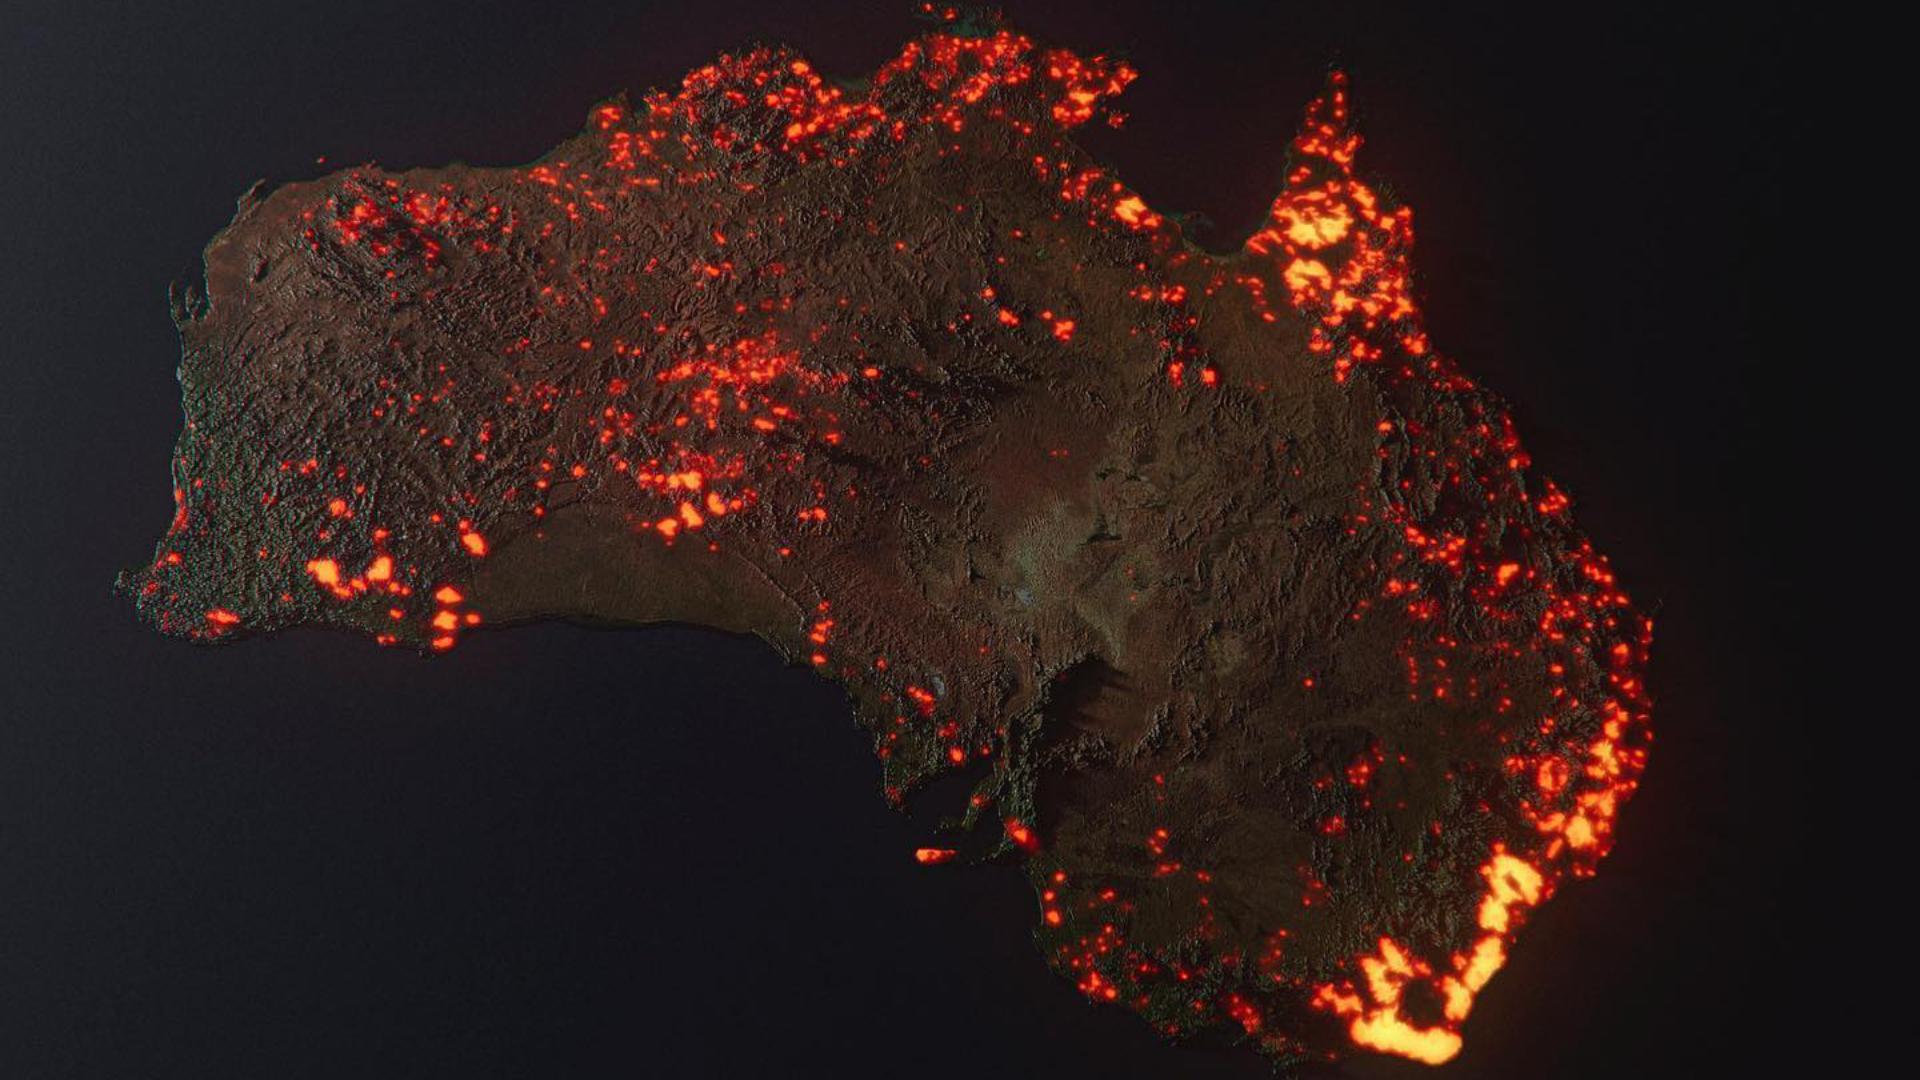 Non Cette Image De L Australie En Feu N Est Pas Une Photo Prise Par Satellite